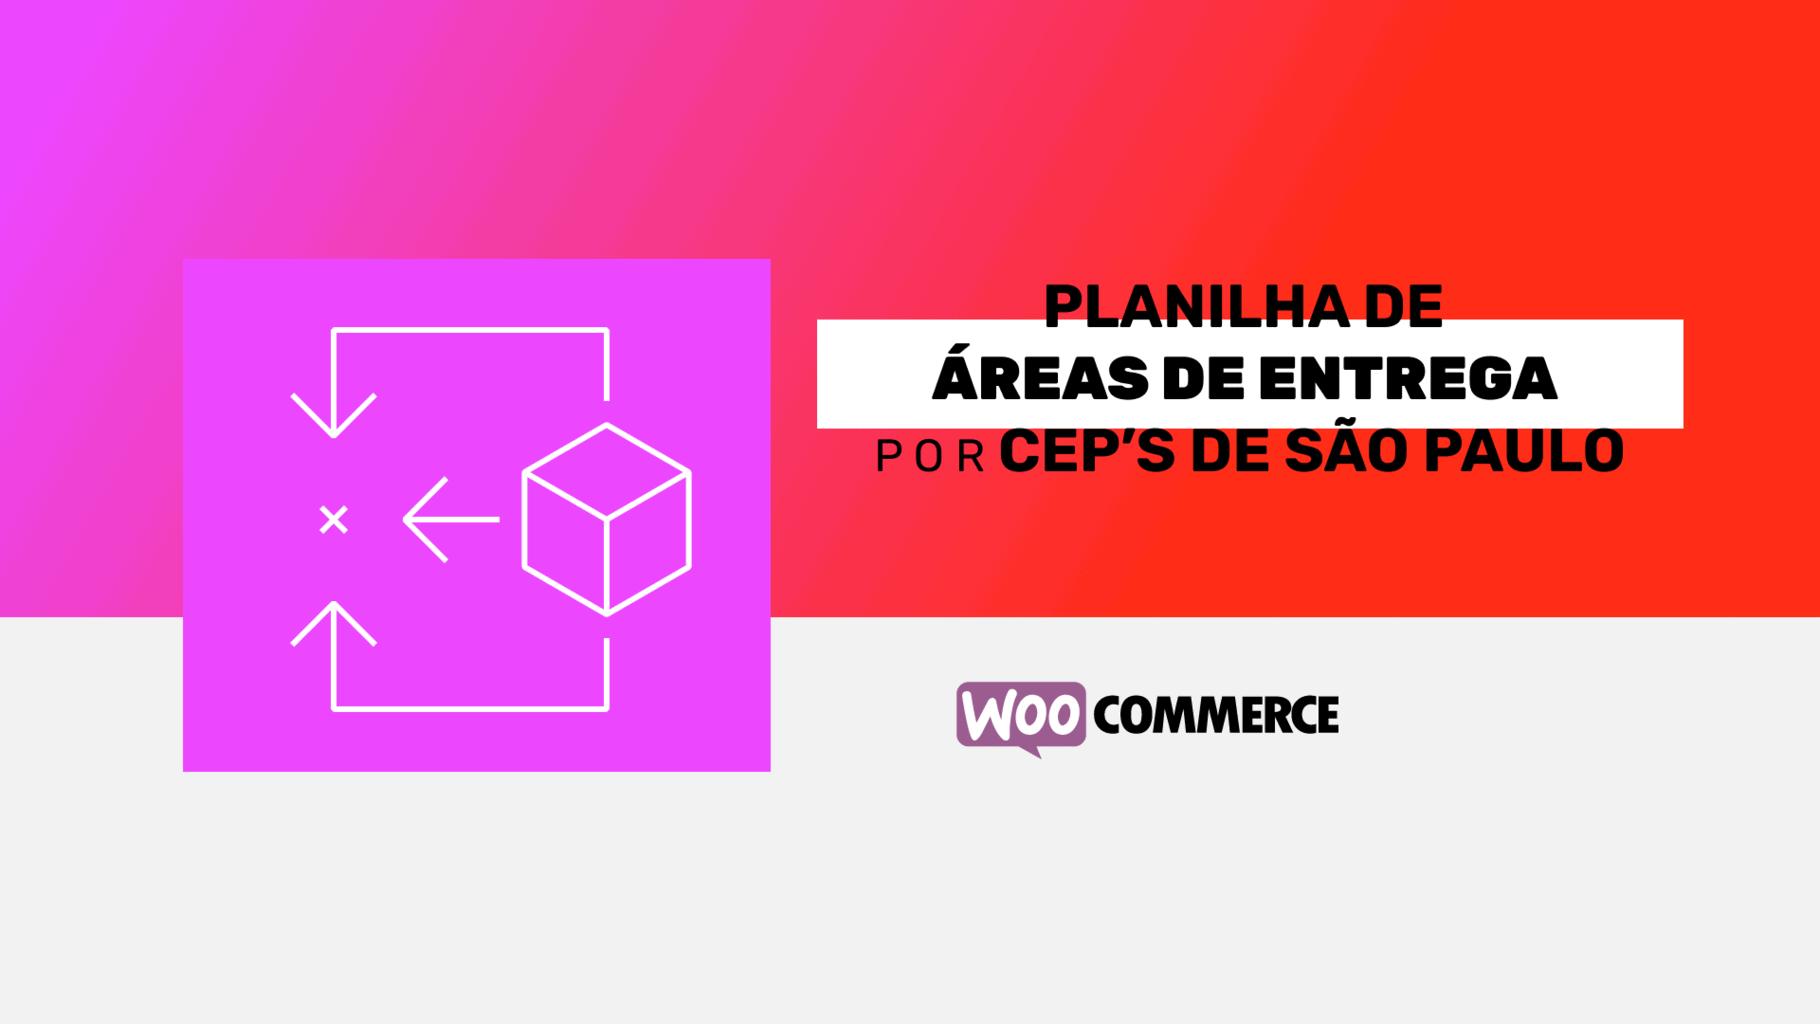 Planilha de áreas de entrega por CEP's de São Paulo